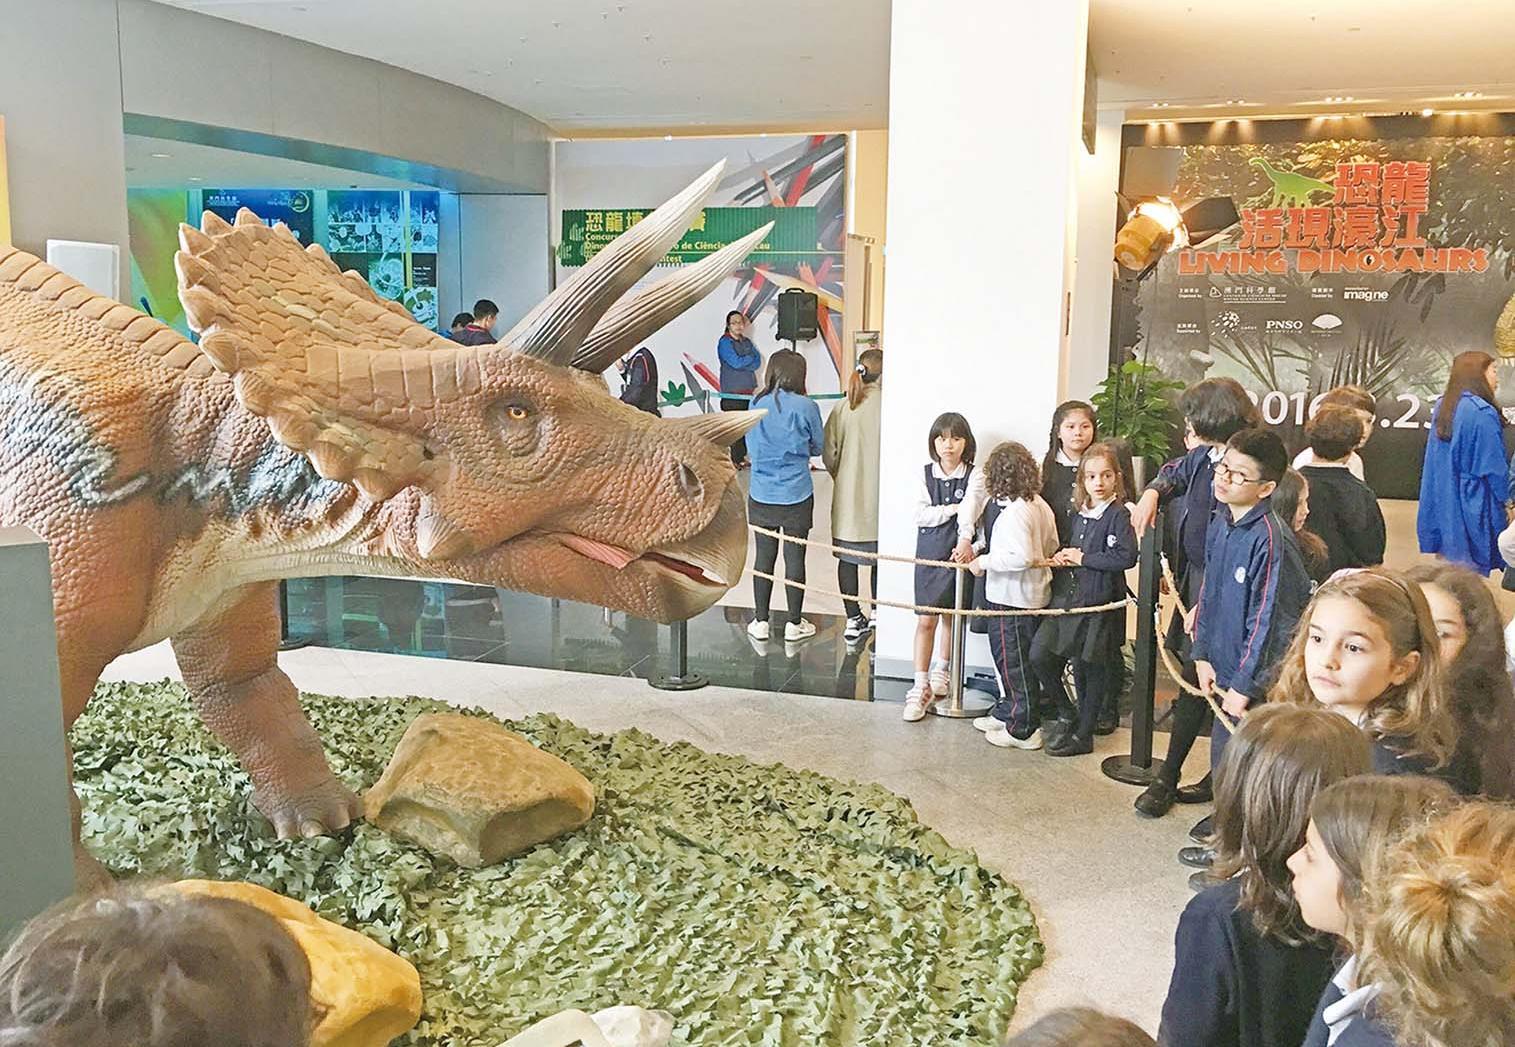 「恐龍」威霸風采征服童心